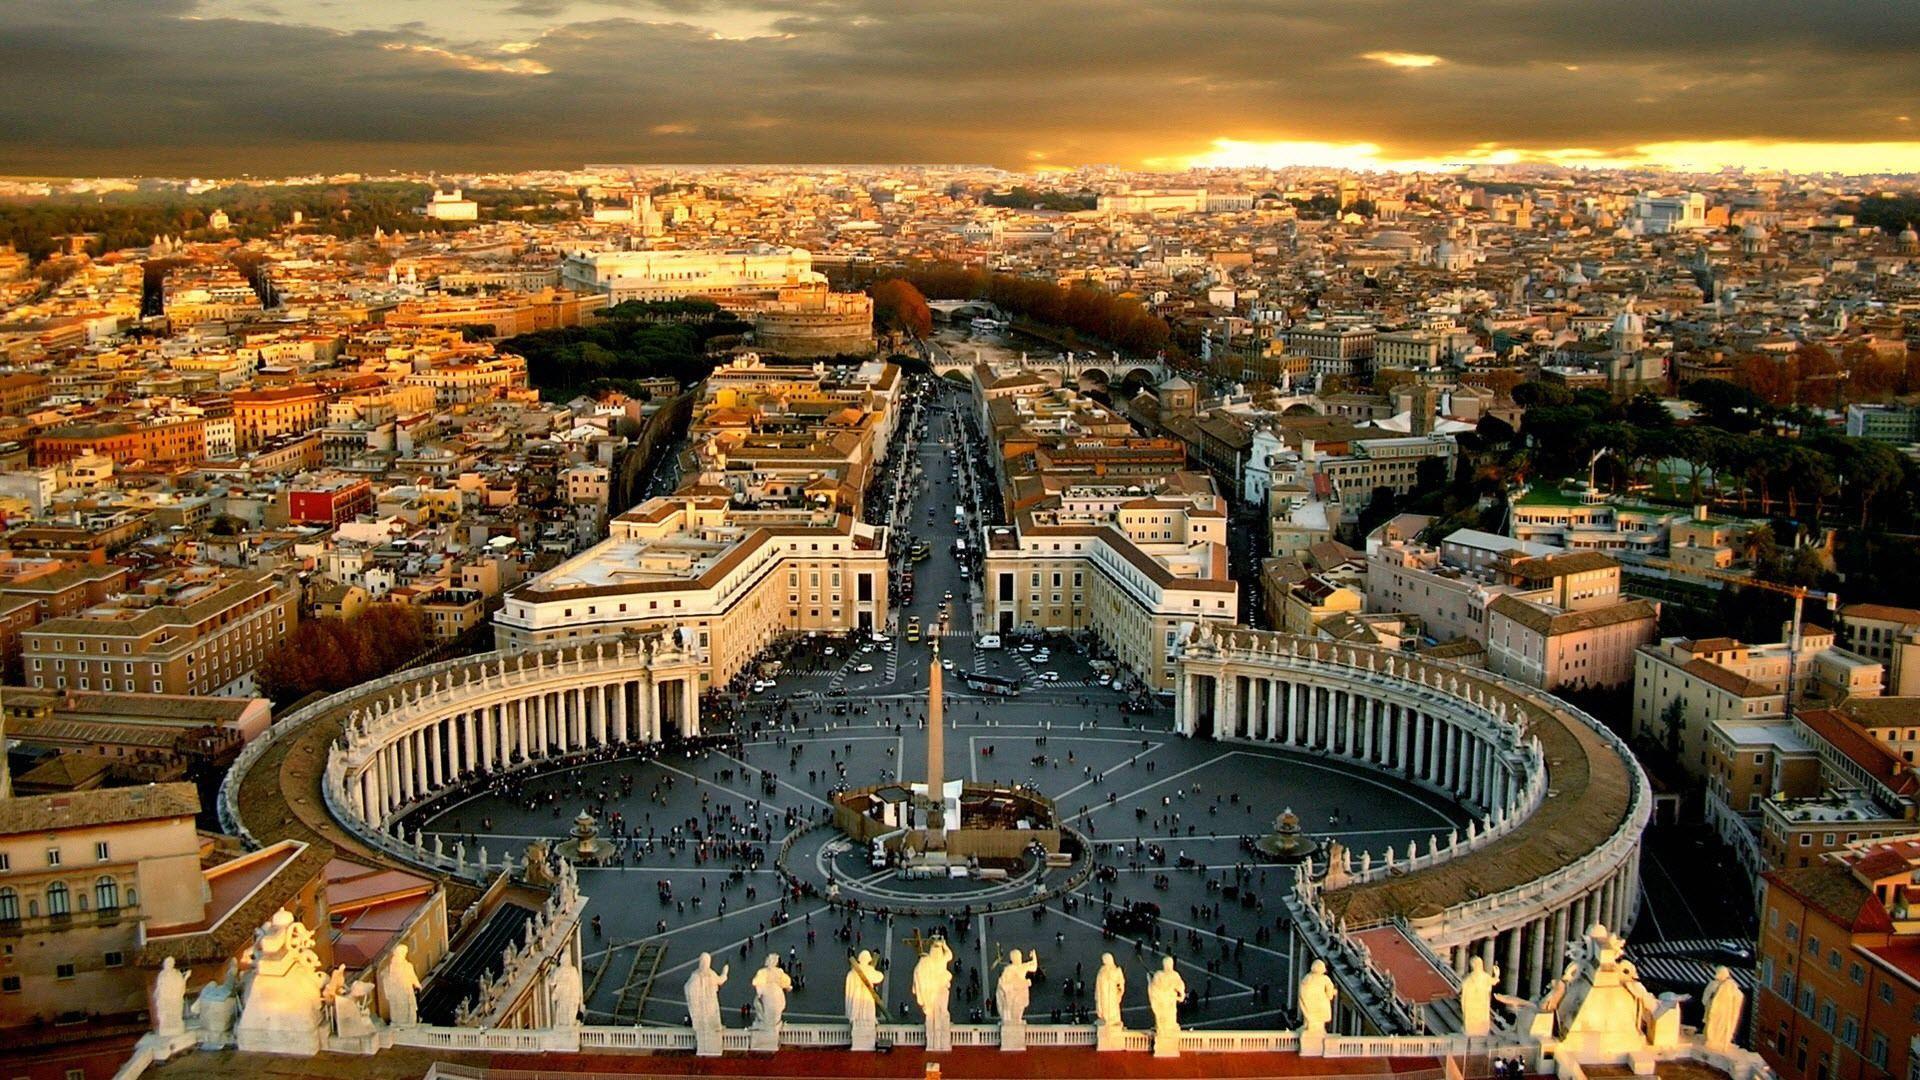 Vatican City Wallpapers - Wallpaper Cave